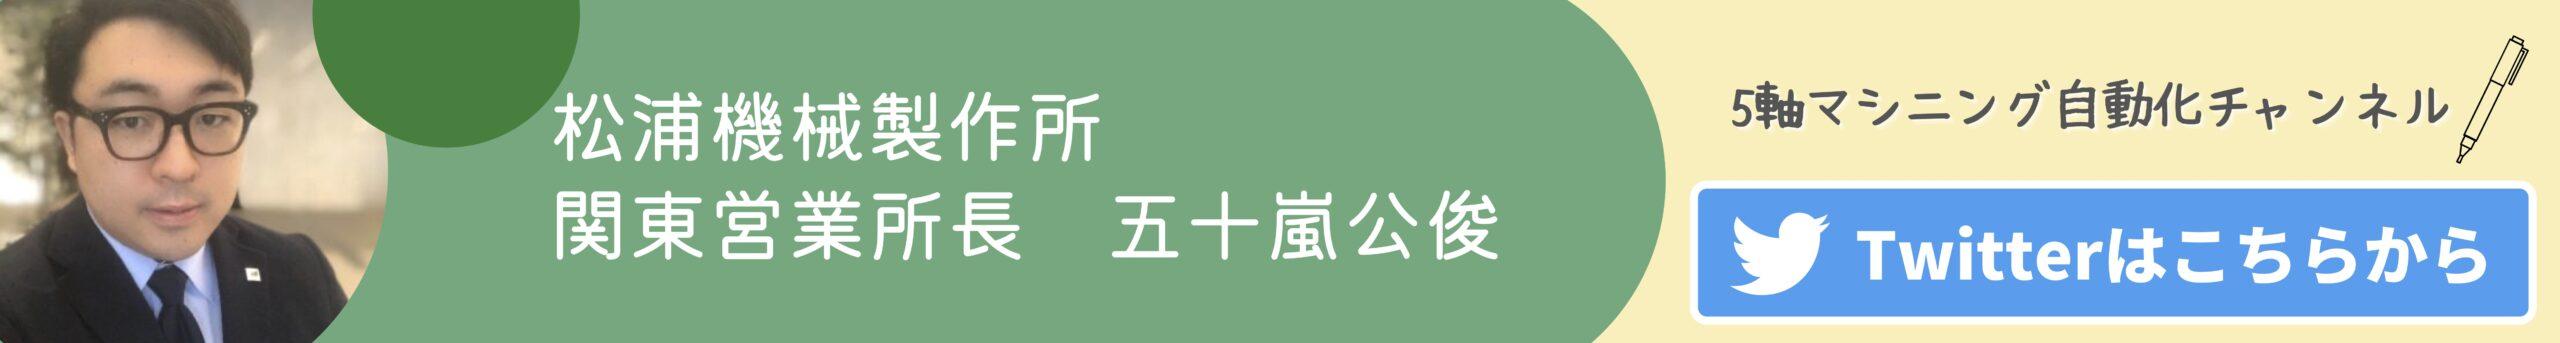 五十嵐 twitter